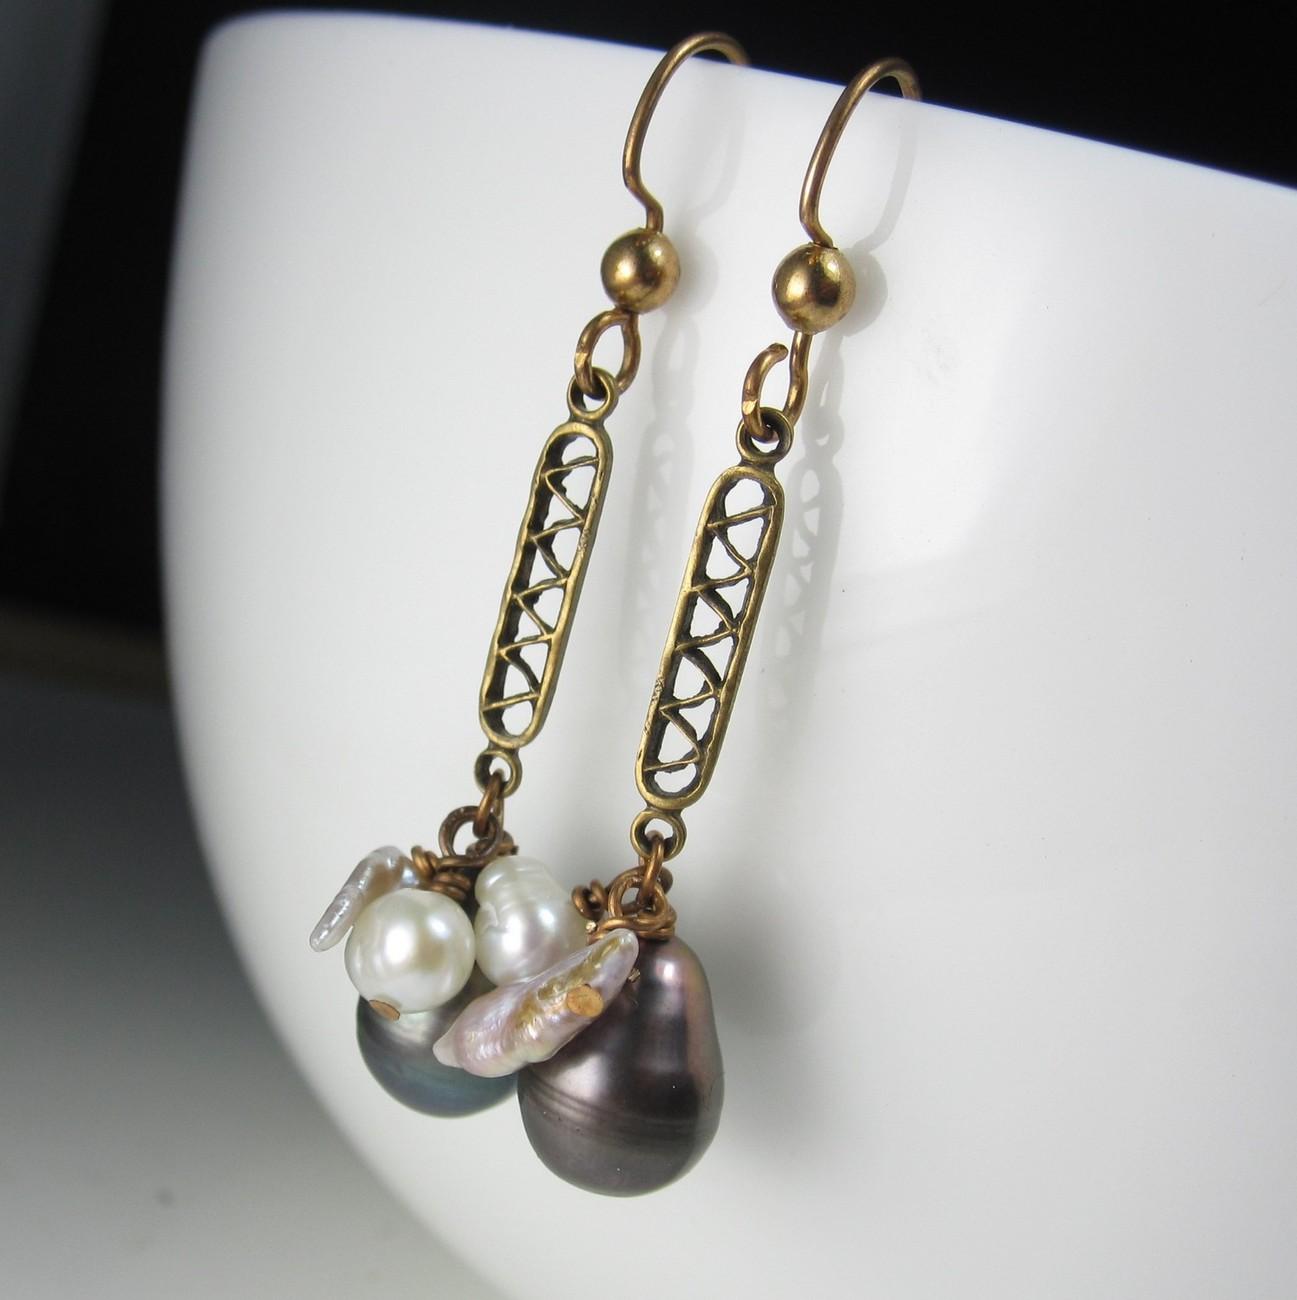 Baroque Pearls on Brass Earrings